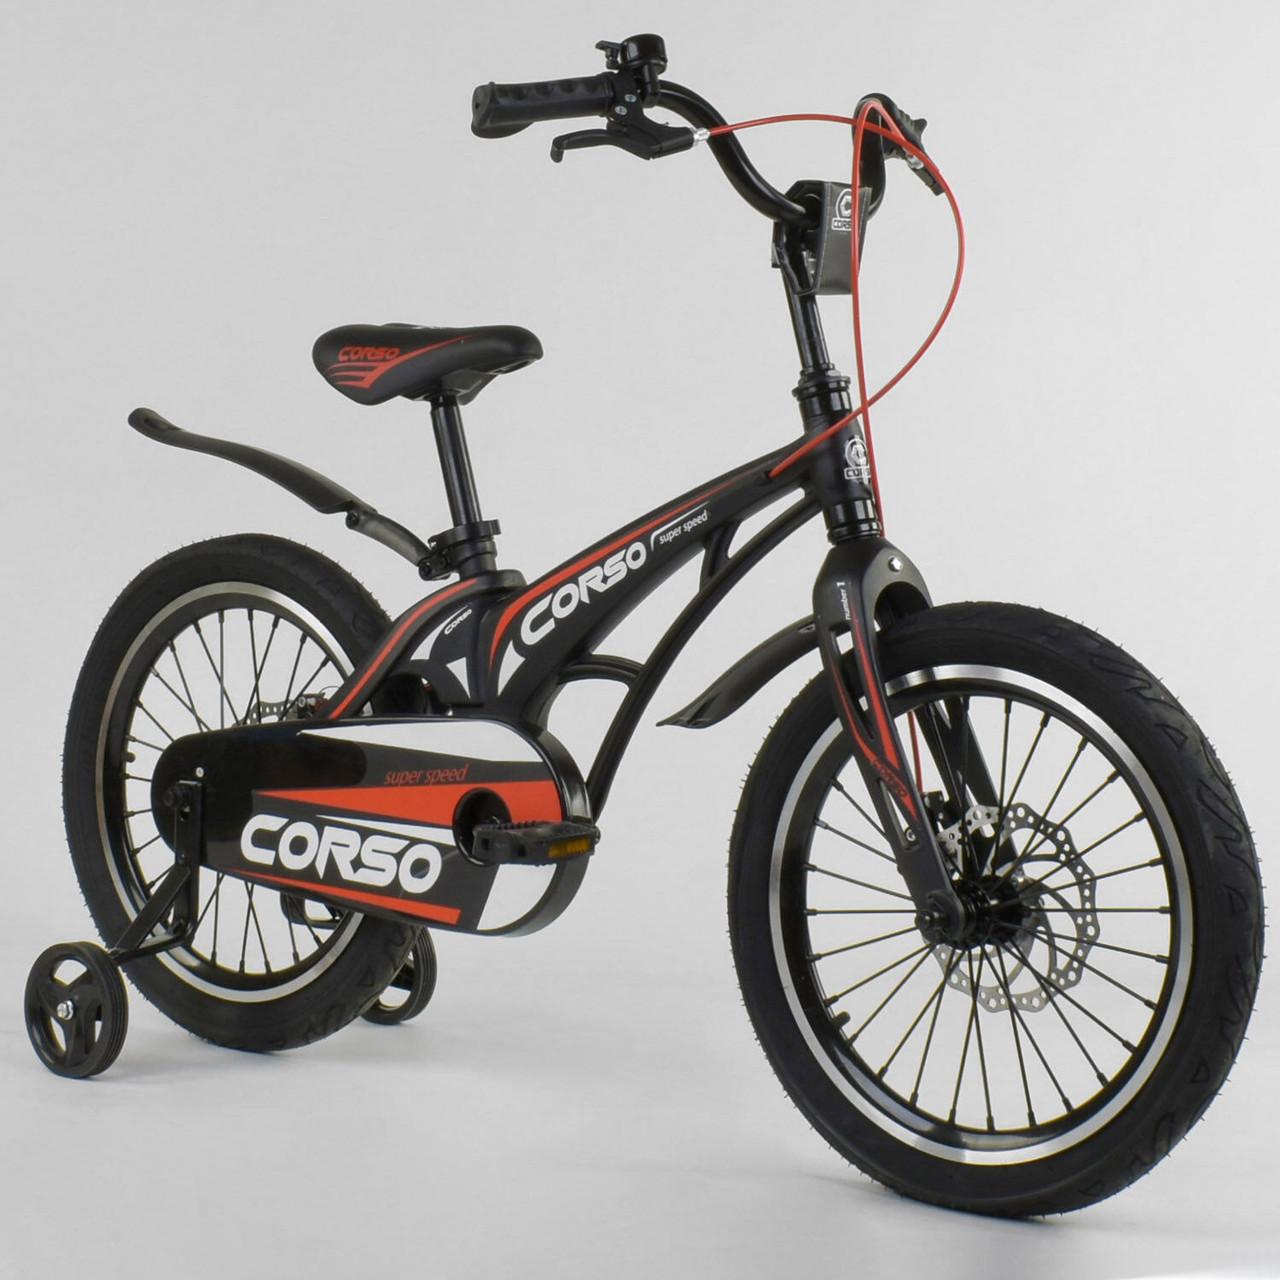 Велосипед CORSO MG-18W338 18 дюймов (магниевая рама, дисковые тормоза)